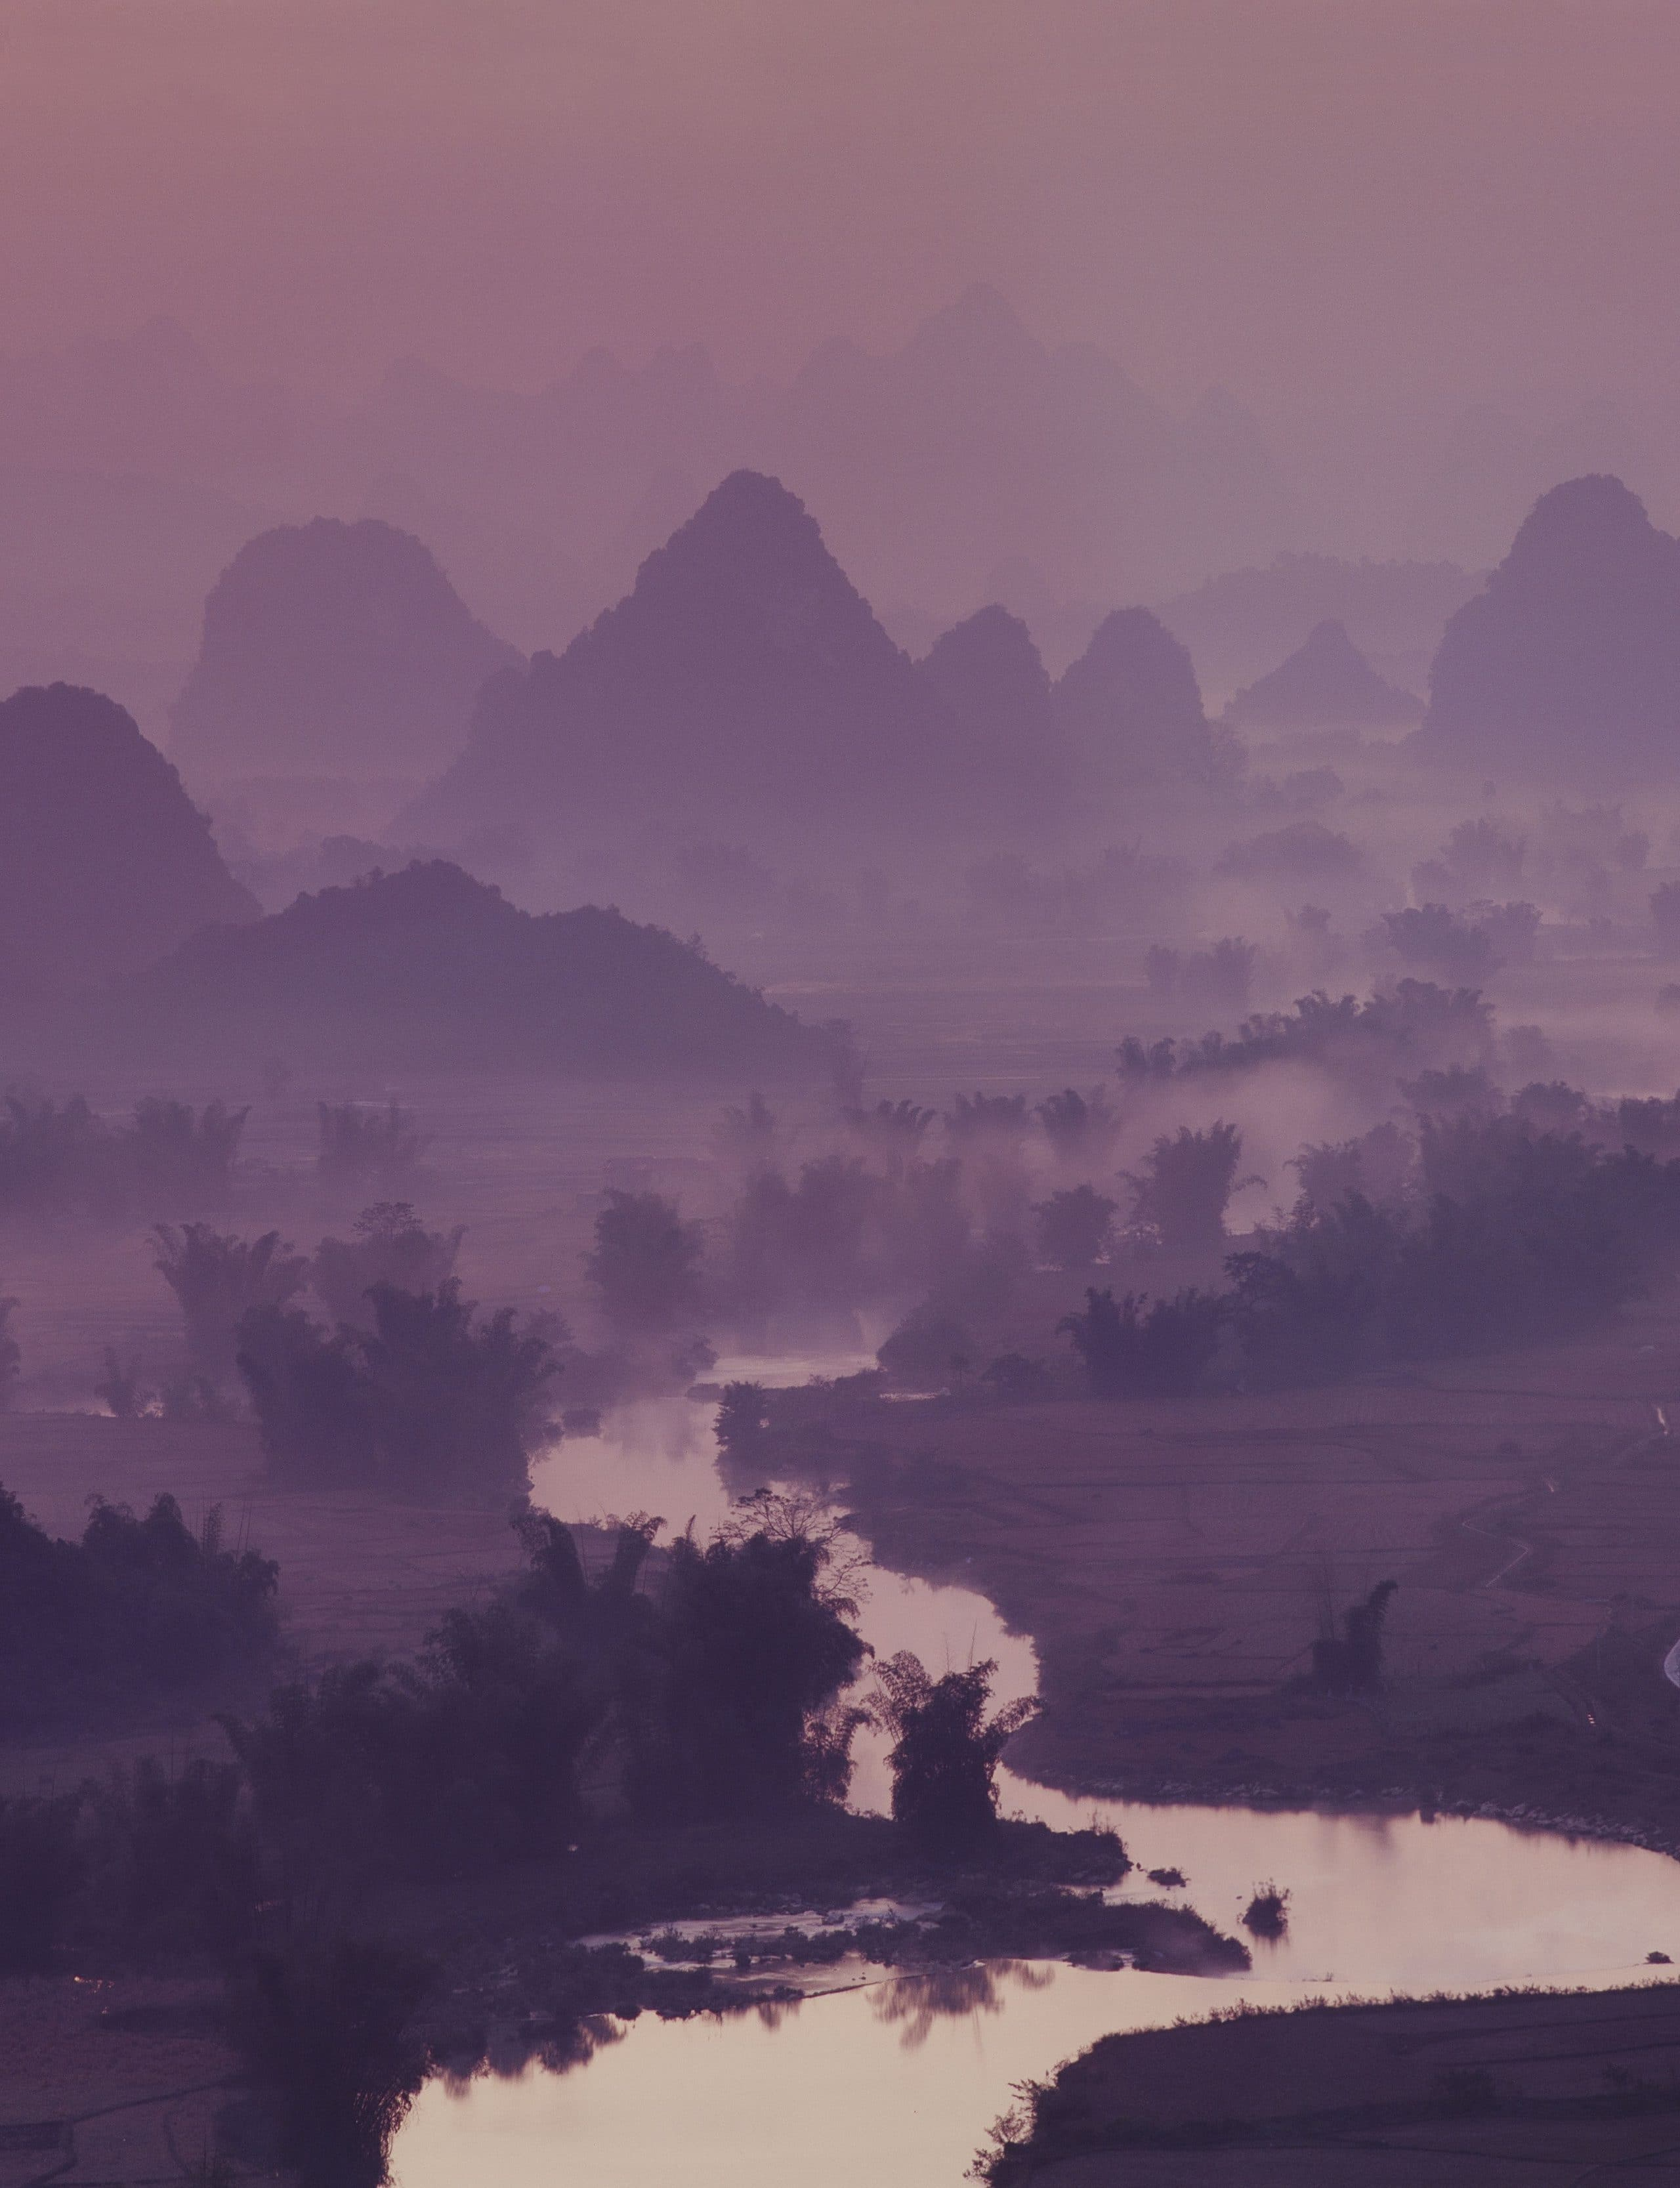 267- Phong cảnh Ngọc Côn – Vũ Xuân Chinh